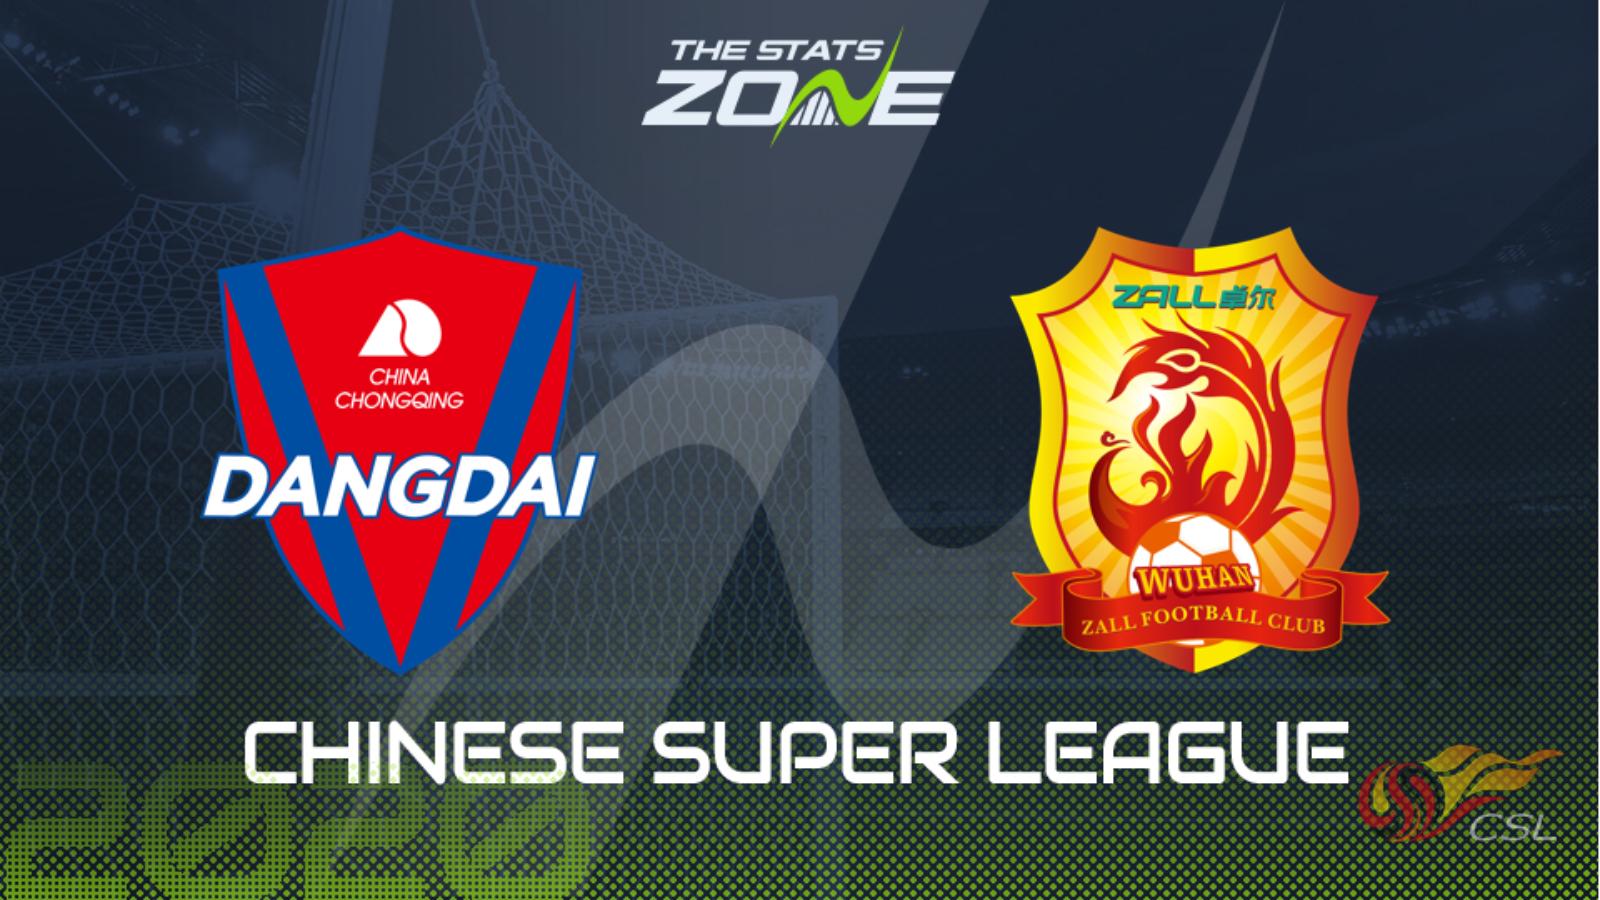 「中超B」赛事前瞻:重庆当代vs武汉卓尔,重庆当代火力全开